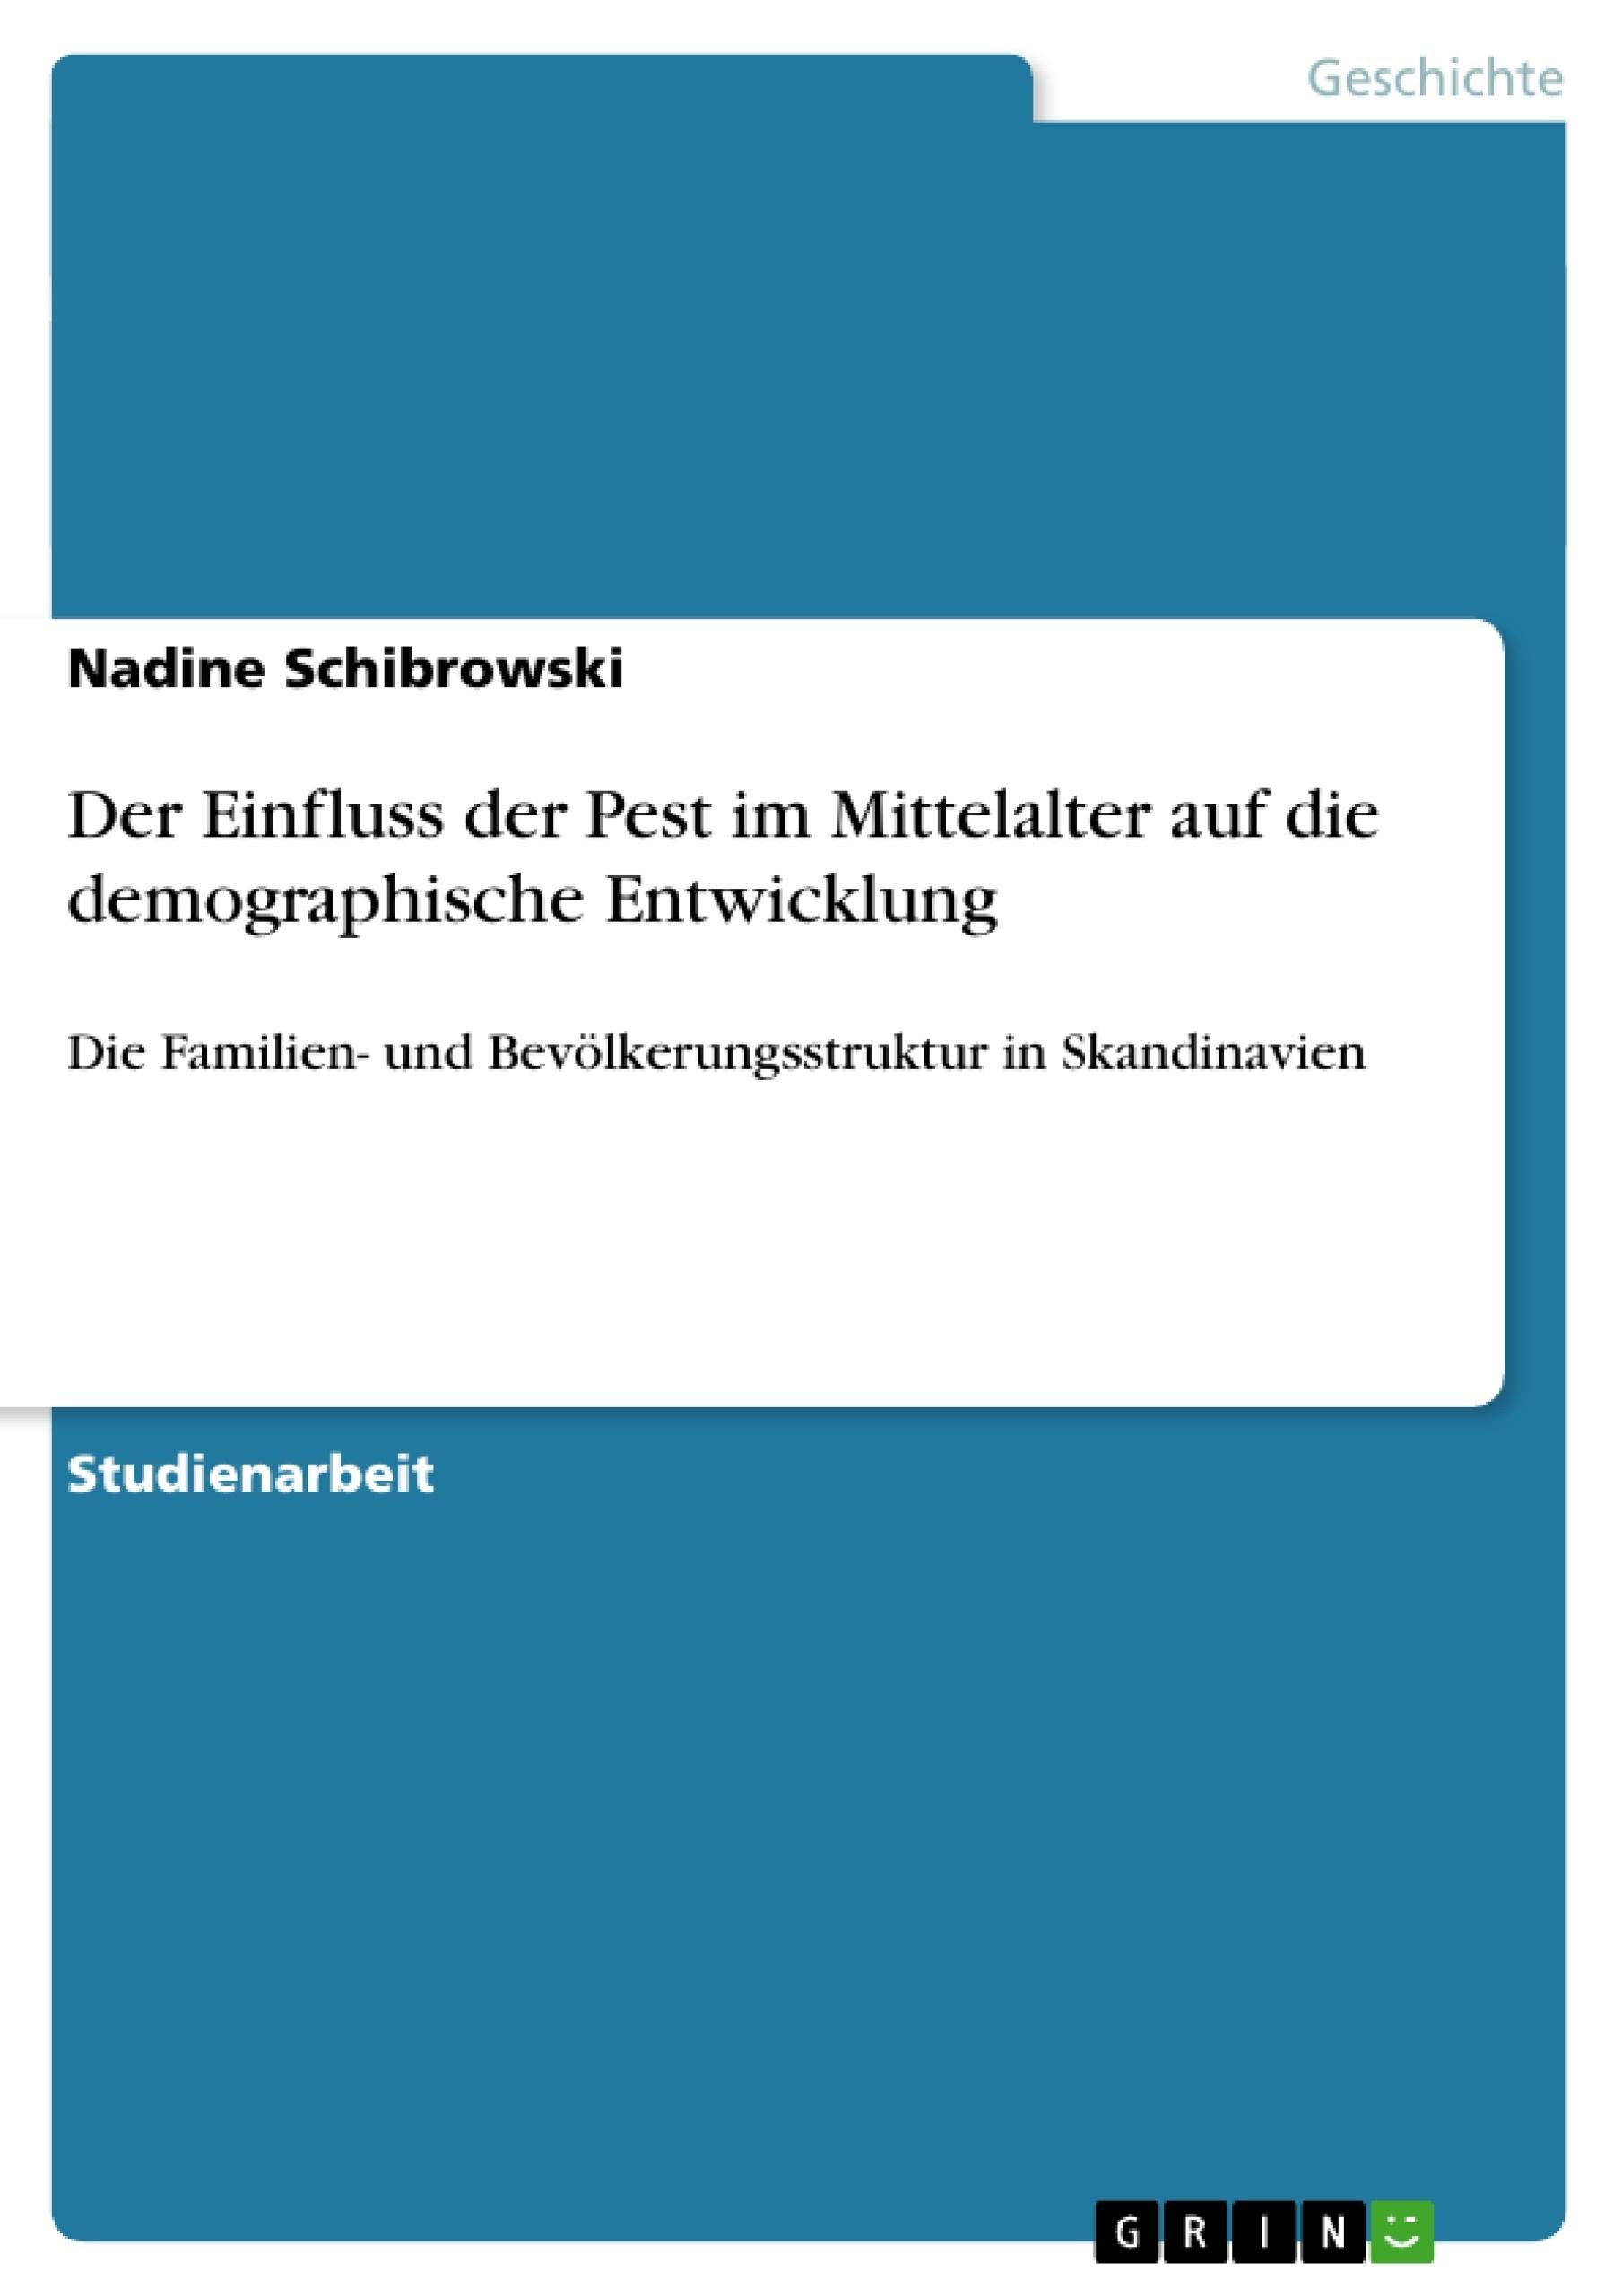 Titel: Der Einfluss der Pest im Mittelalter auf die demographische Entwicklung